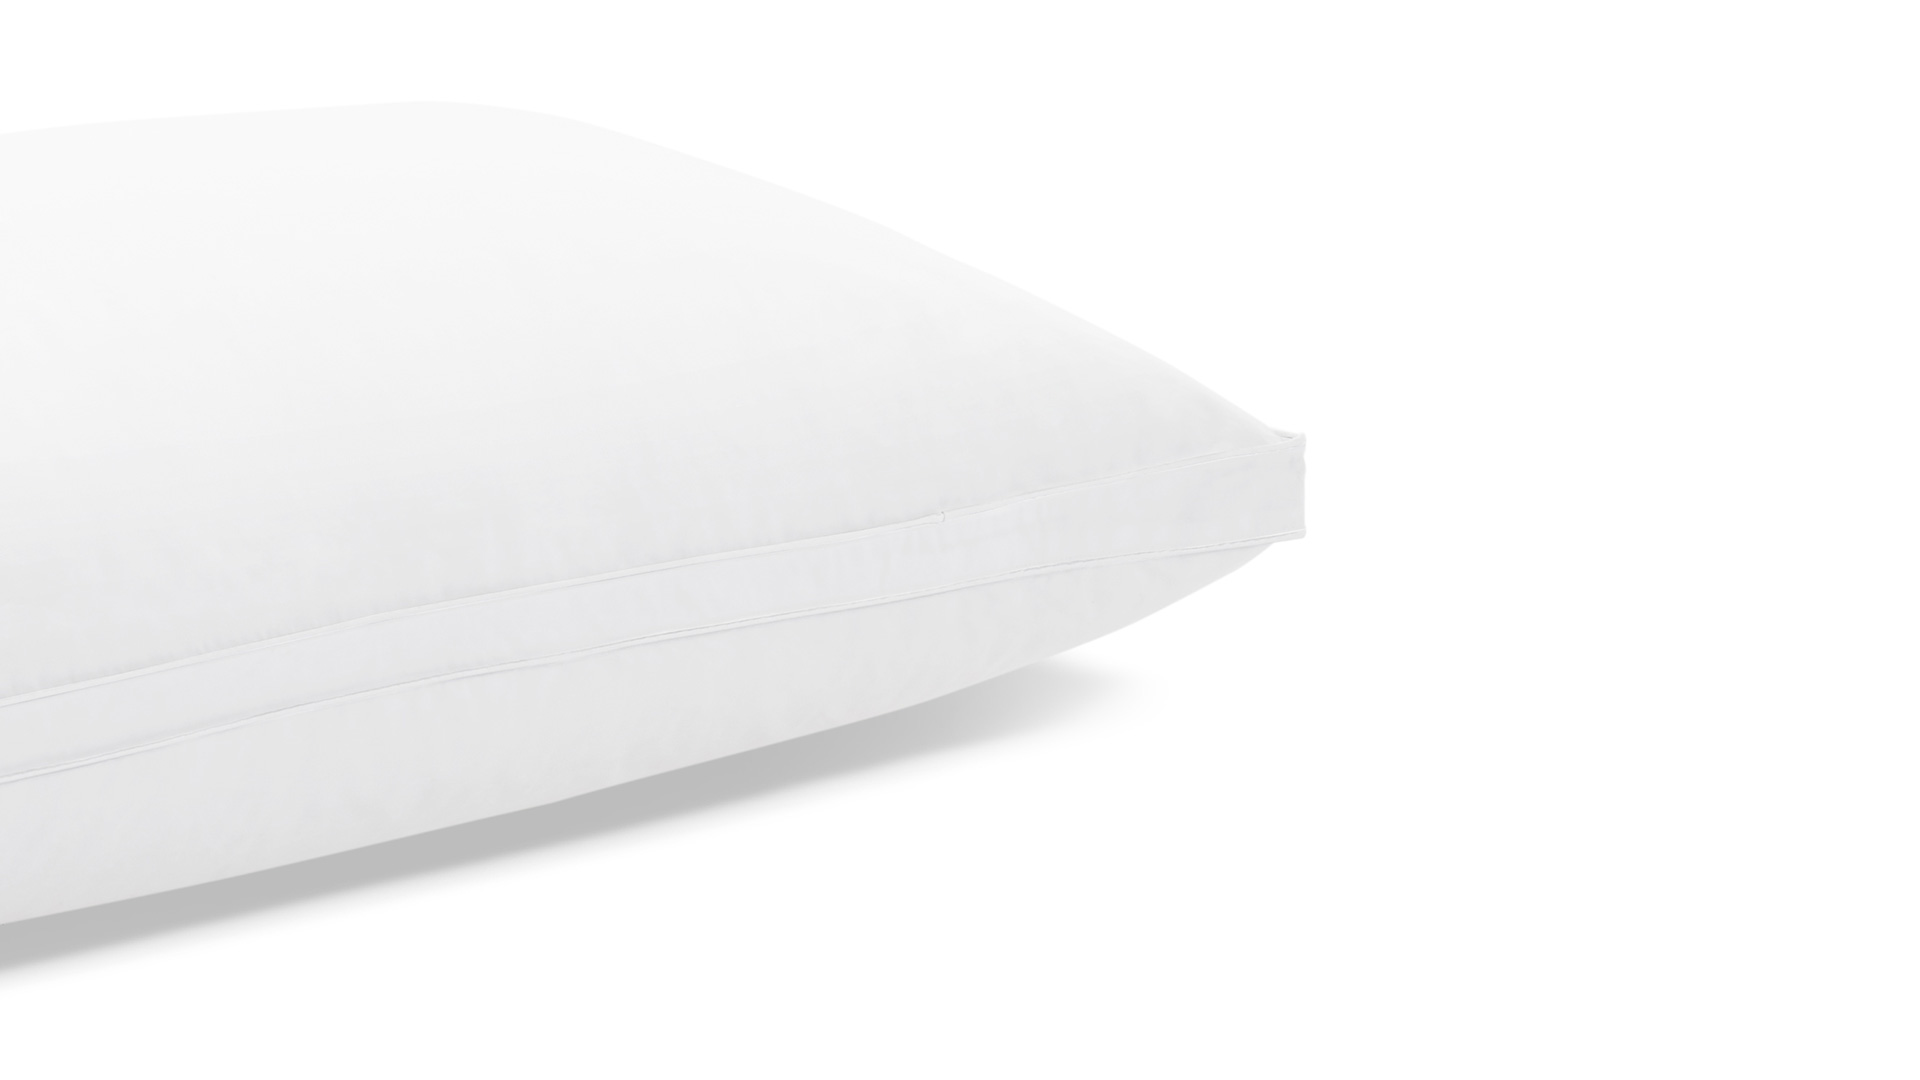 每款枕芯表面都采用内衣品级100%全棉面料,面料纱线以40纱支233根密度为标准,质感更加细腻柔软,具有吸汗排湿、保温、耐热、安全不刺激的特性,从脑袋接触枕头第一刻开始就拥有舒适体验。?x-oss-process=image/format,jpg/interlace,1